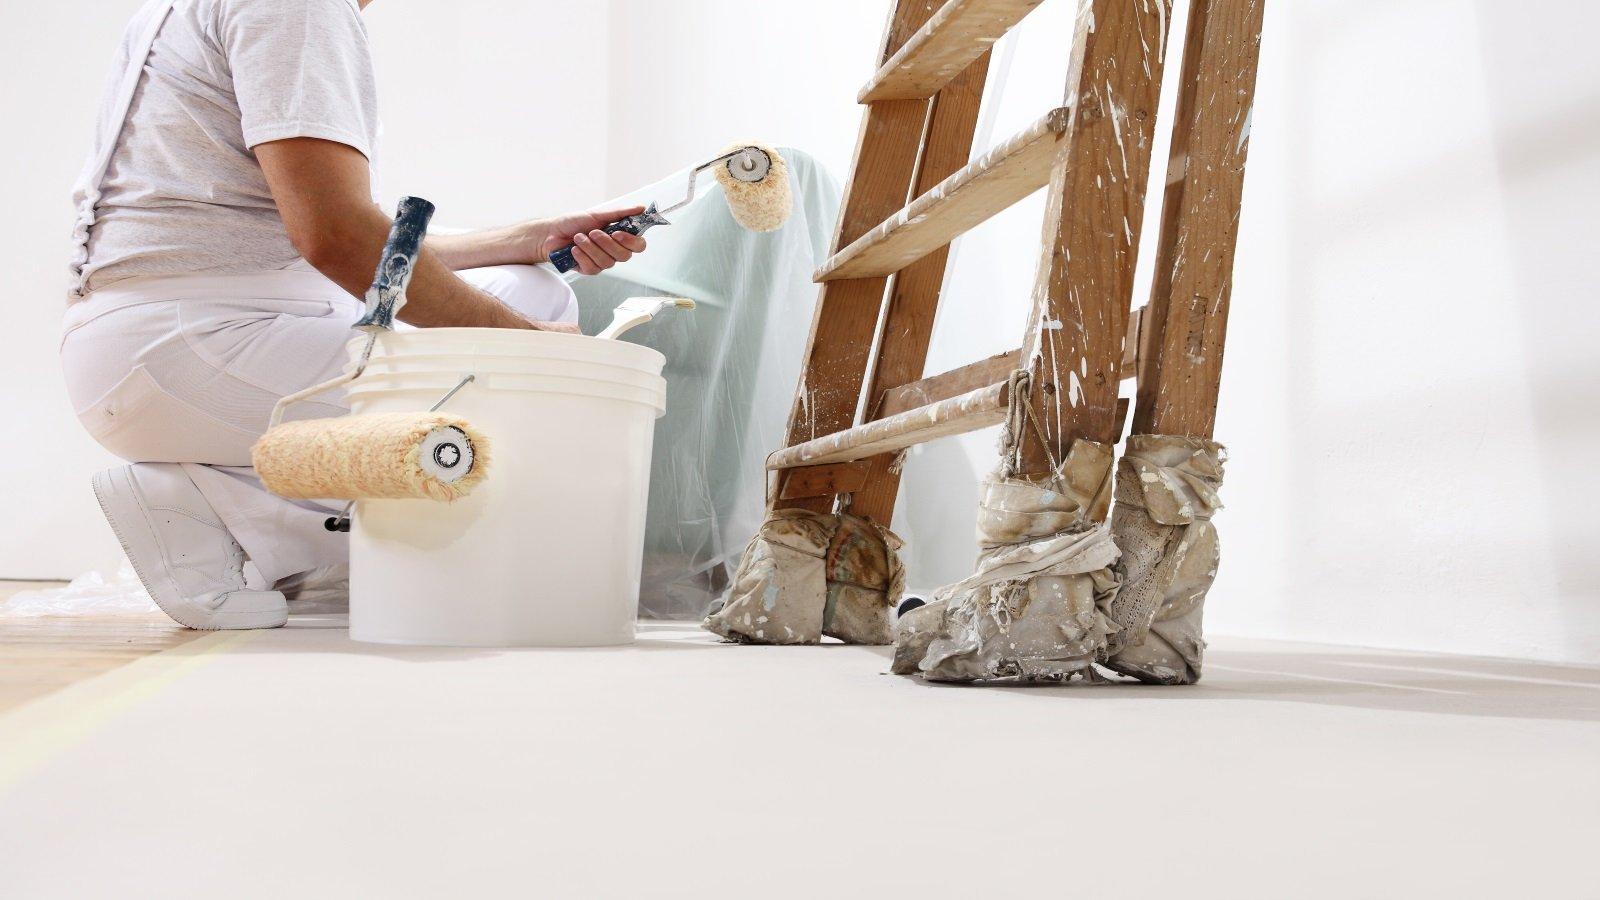 Pittore con rullo e pennello nelle mani accanto a una scala e un secchio di vernice bianco